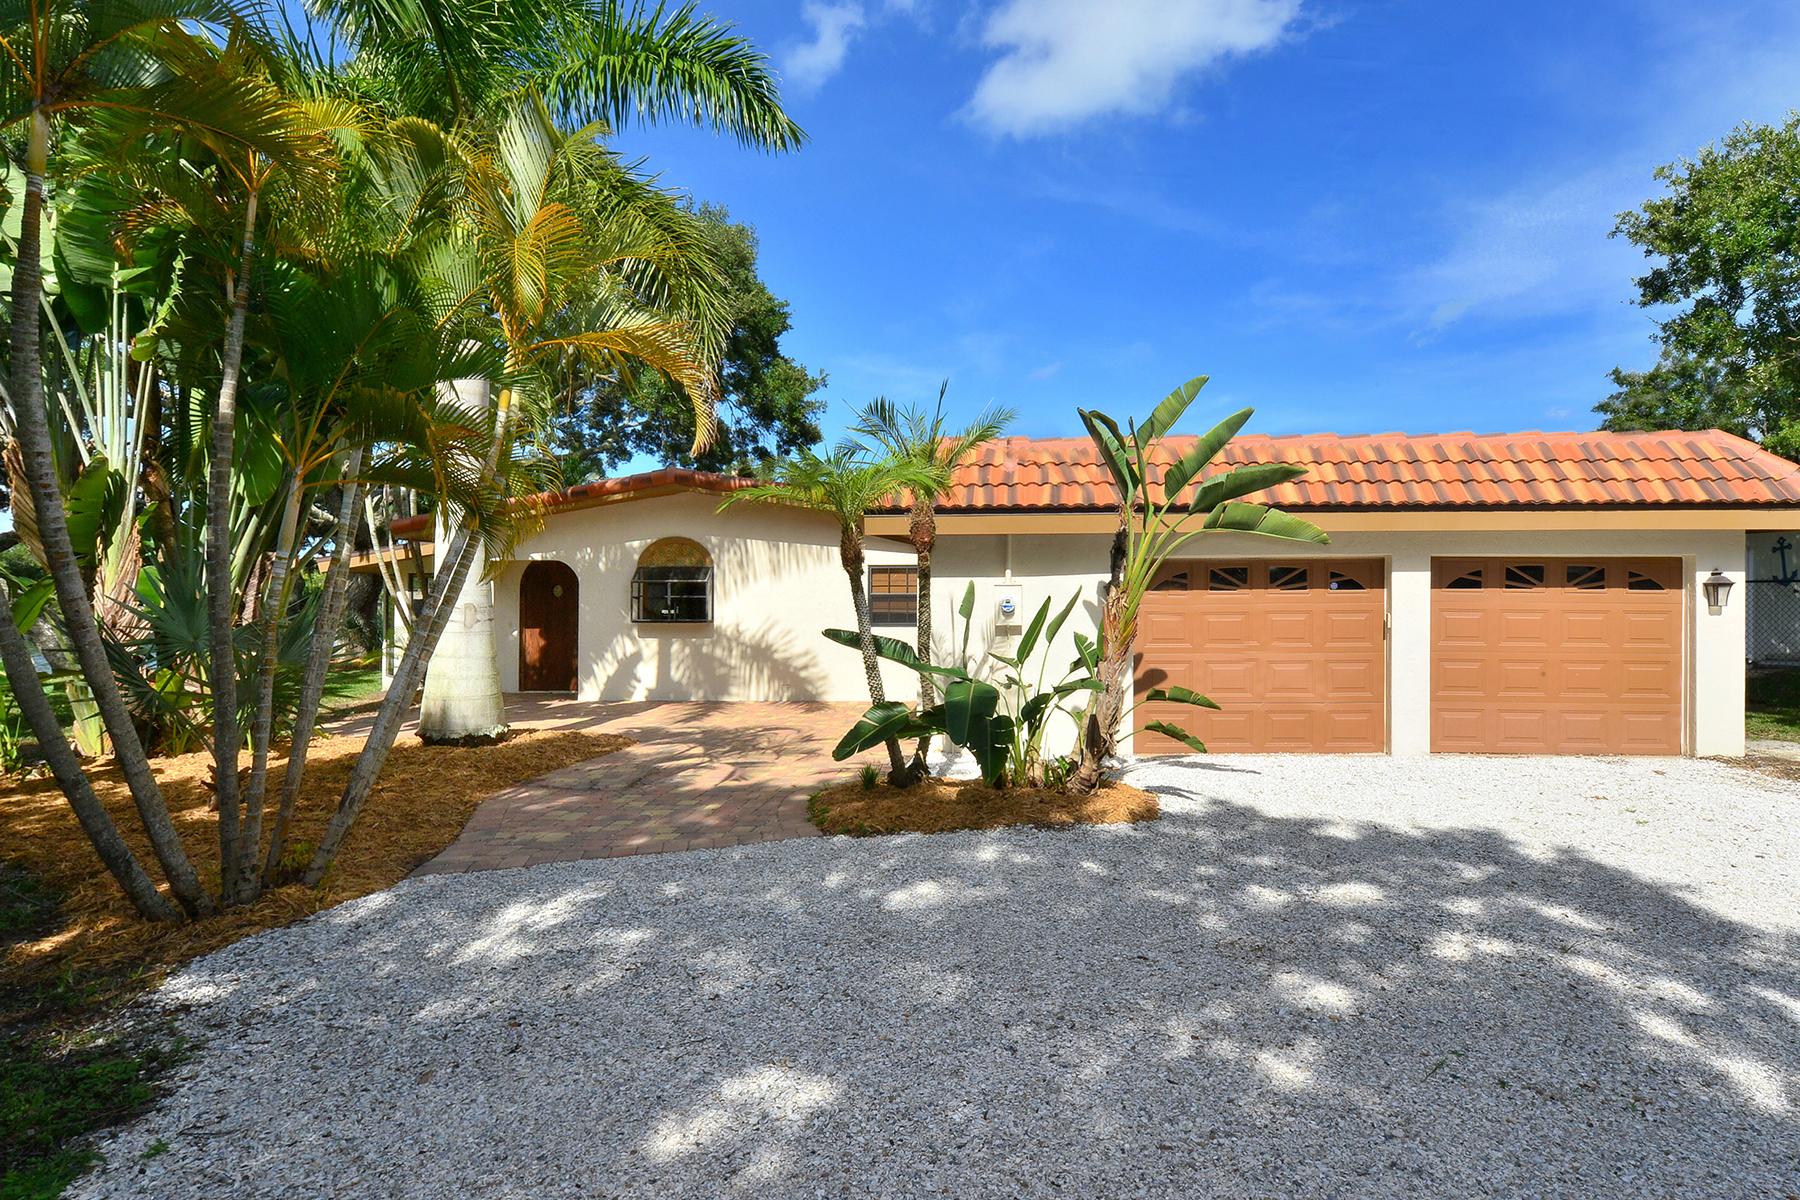 Maison unifamiliale pour l Vente à RIVER FOREST 5381 Palos Verdes Dr Sarasota, Florida, 34231 États-Unis